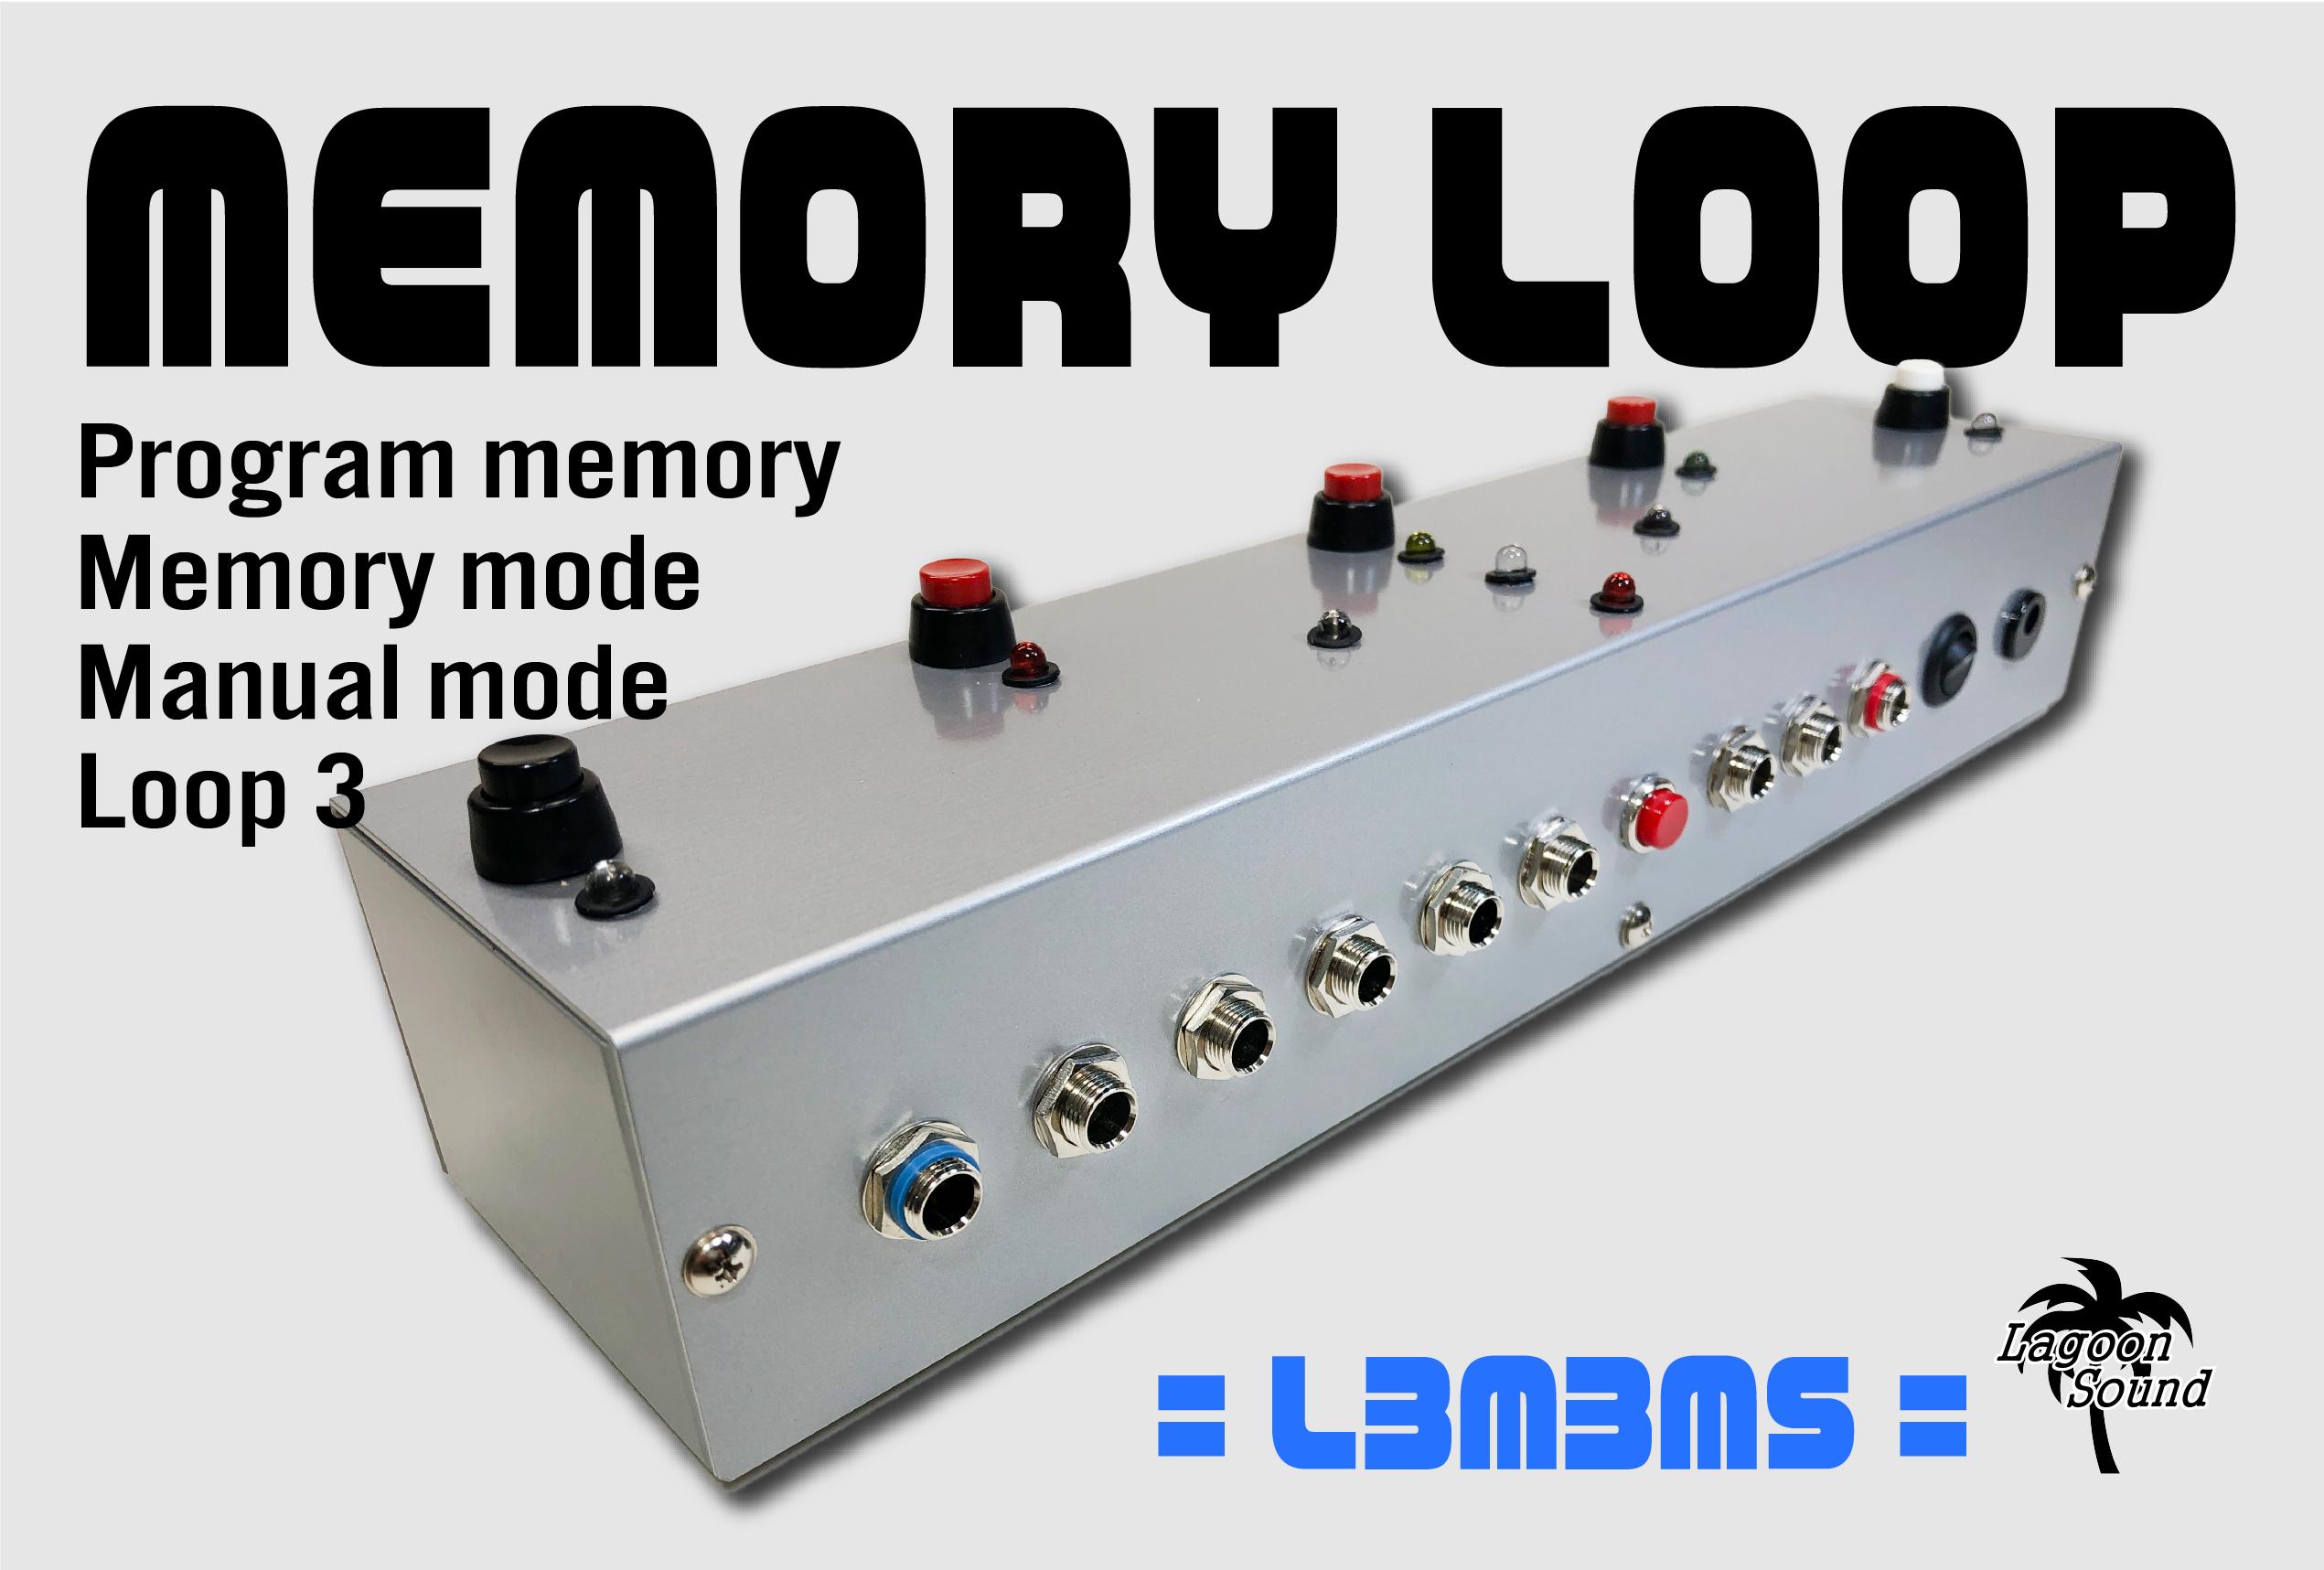 L3M3MS